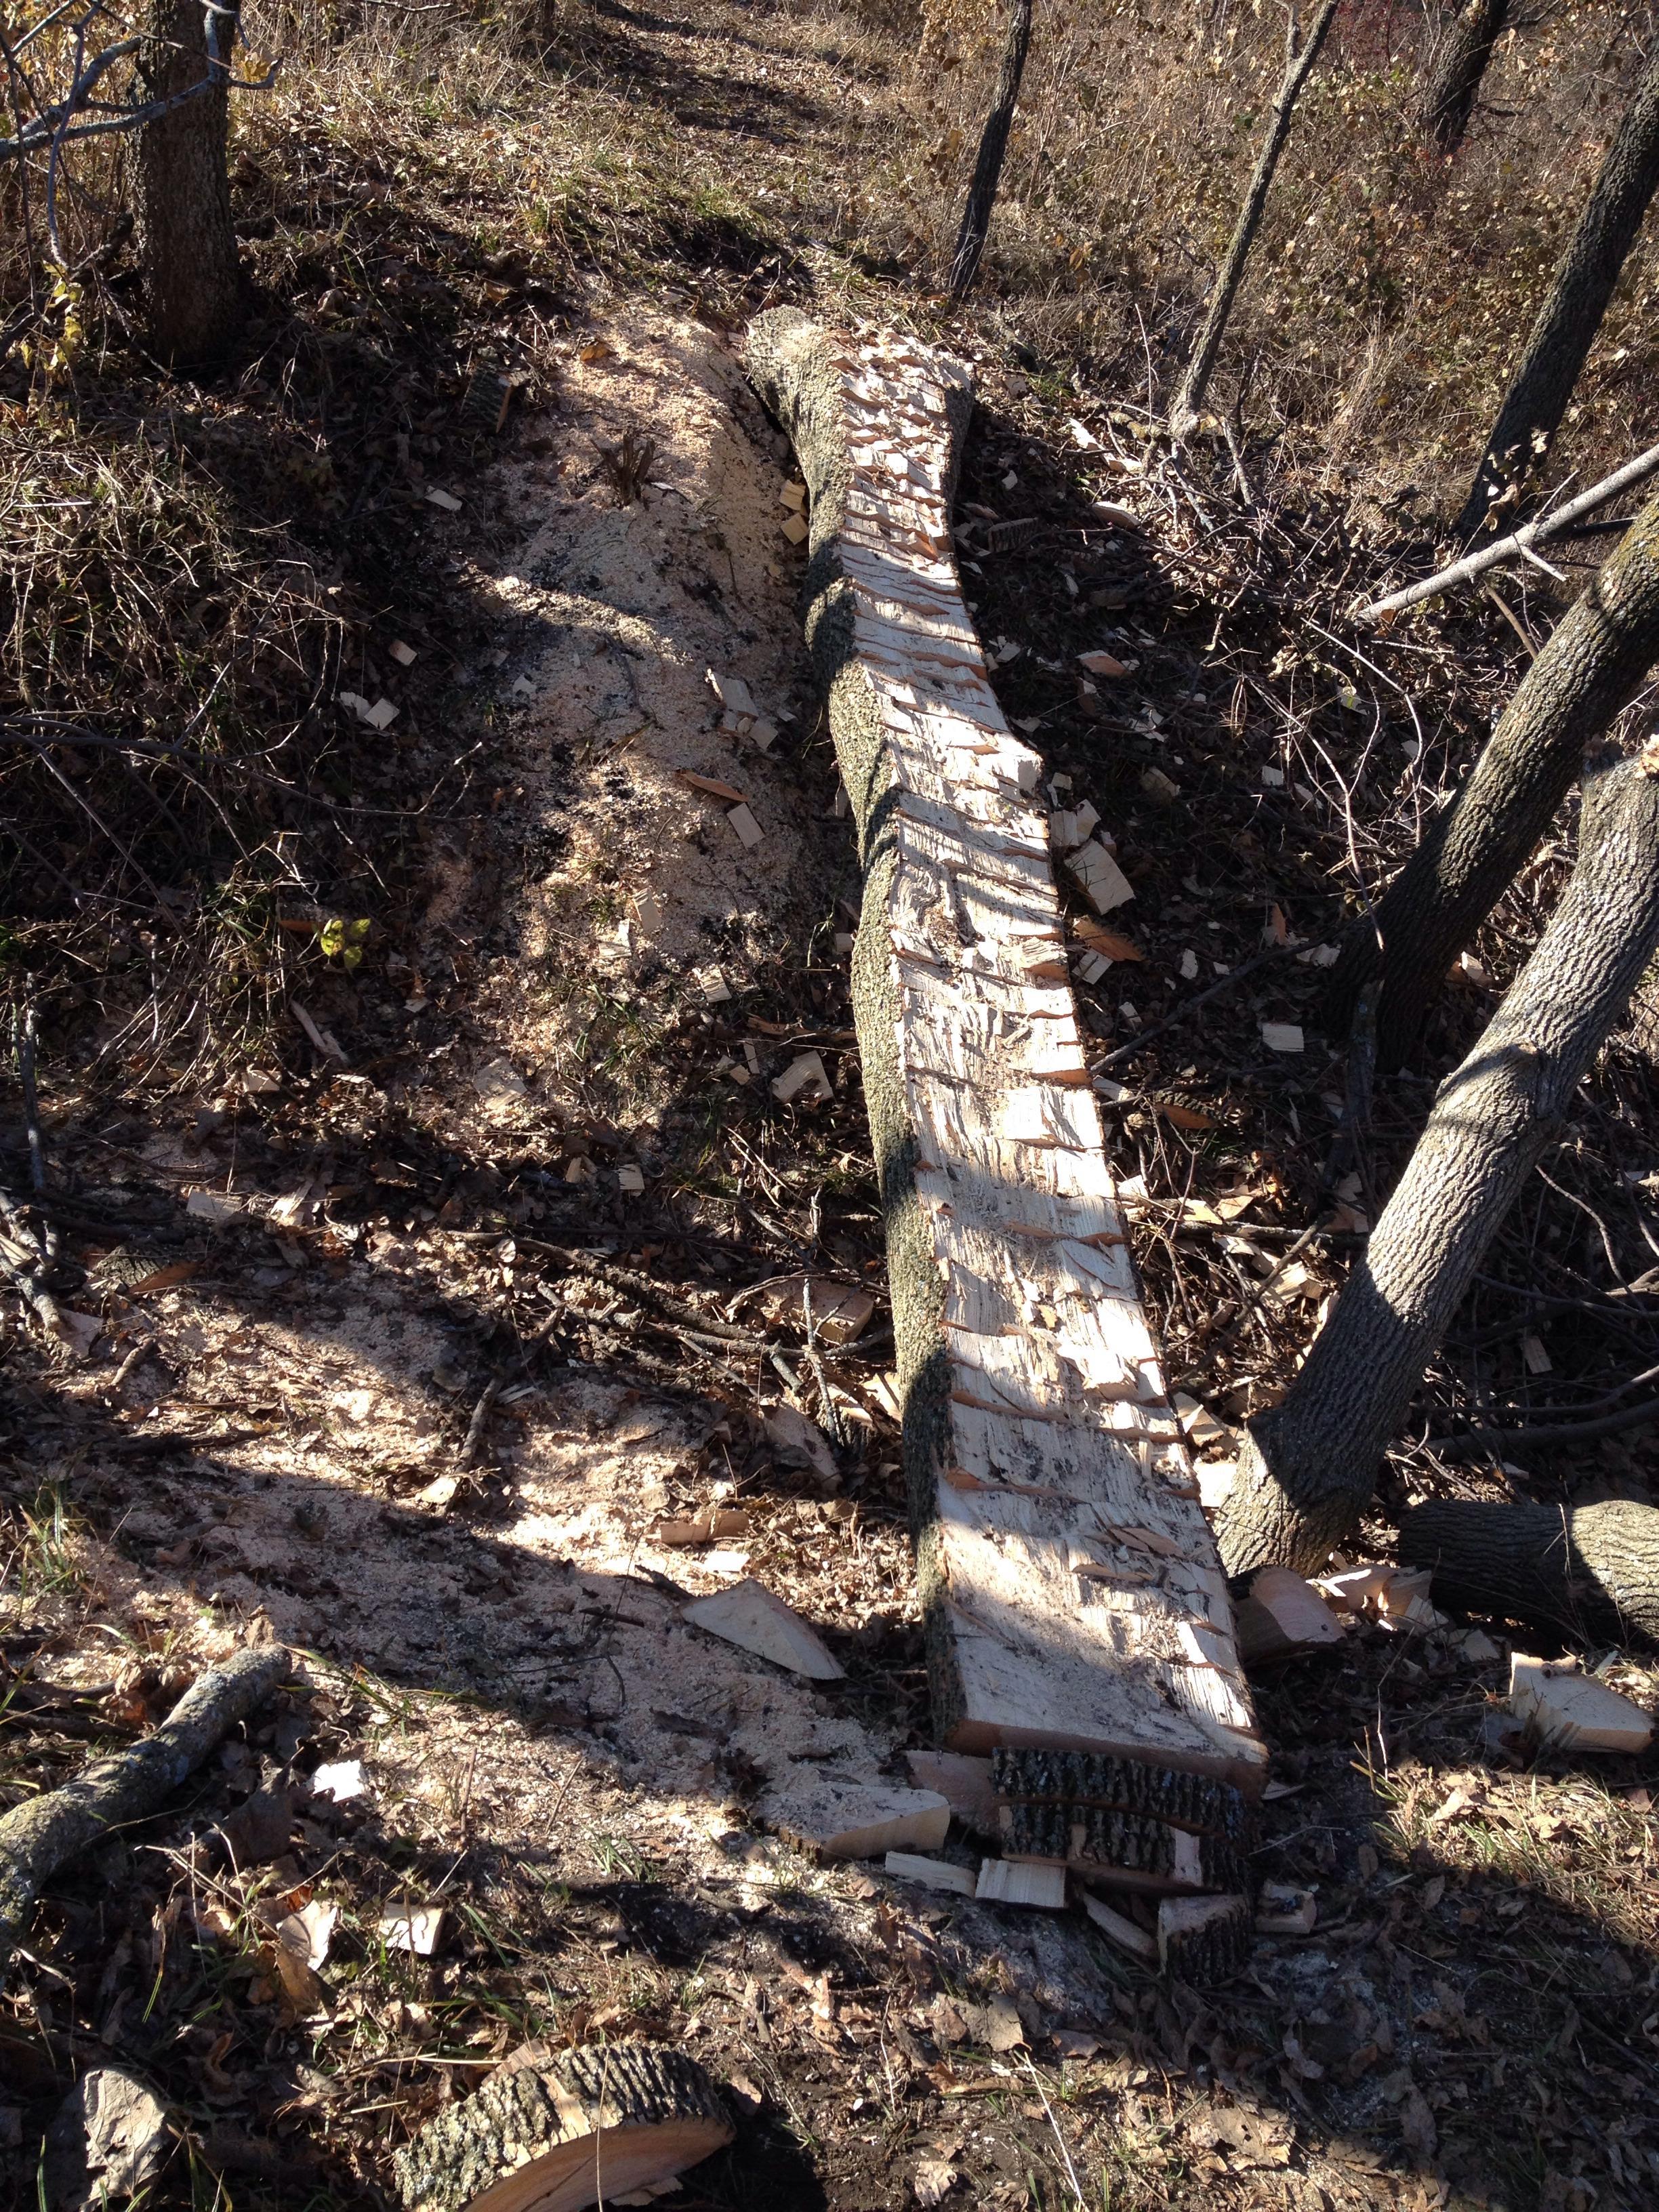 How To Make A Mountain Bike Bridge